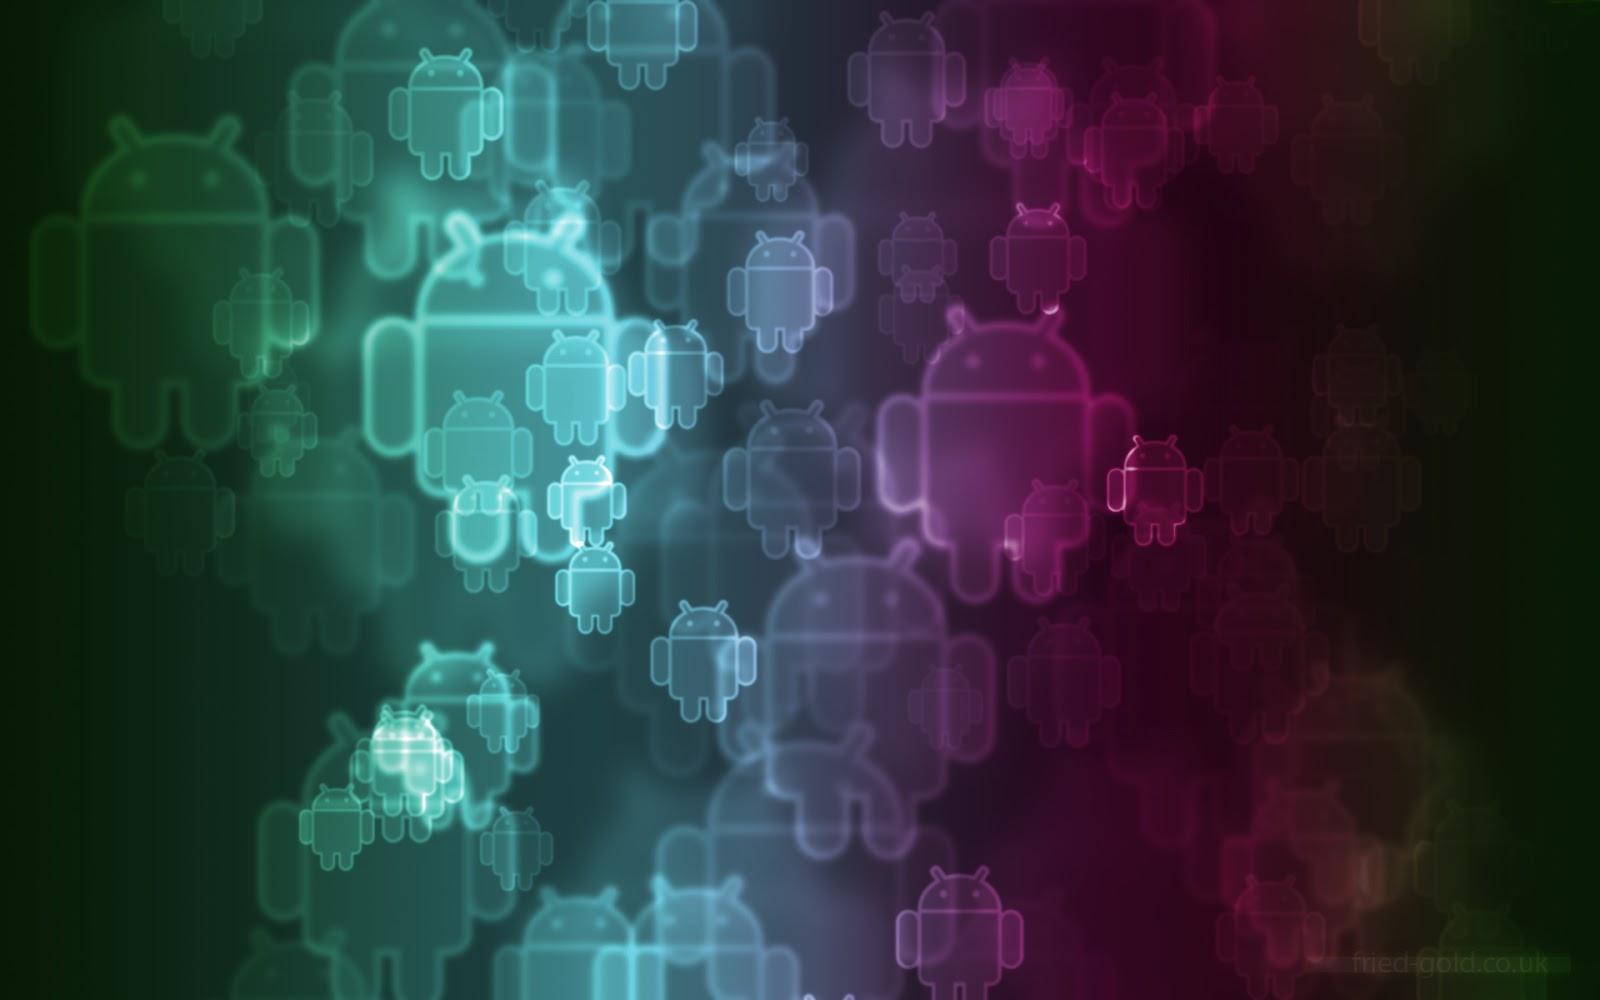 http://4.bp.blogspot.com/-xu82LsMIhU4/UEzGX2zK9JI/AAAAAAAAAHo/dAM1gDKWGHA/s1600/Android-Wallpaper-By-Liamw.jpg